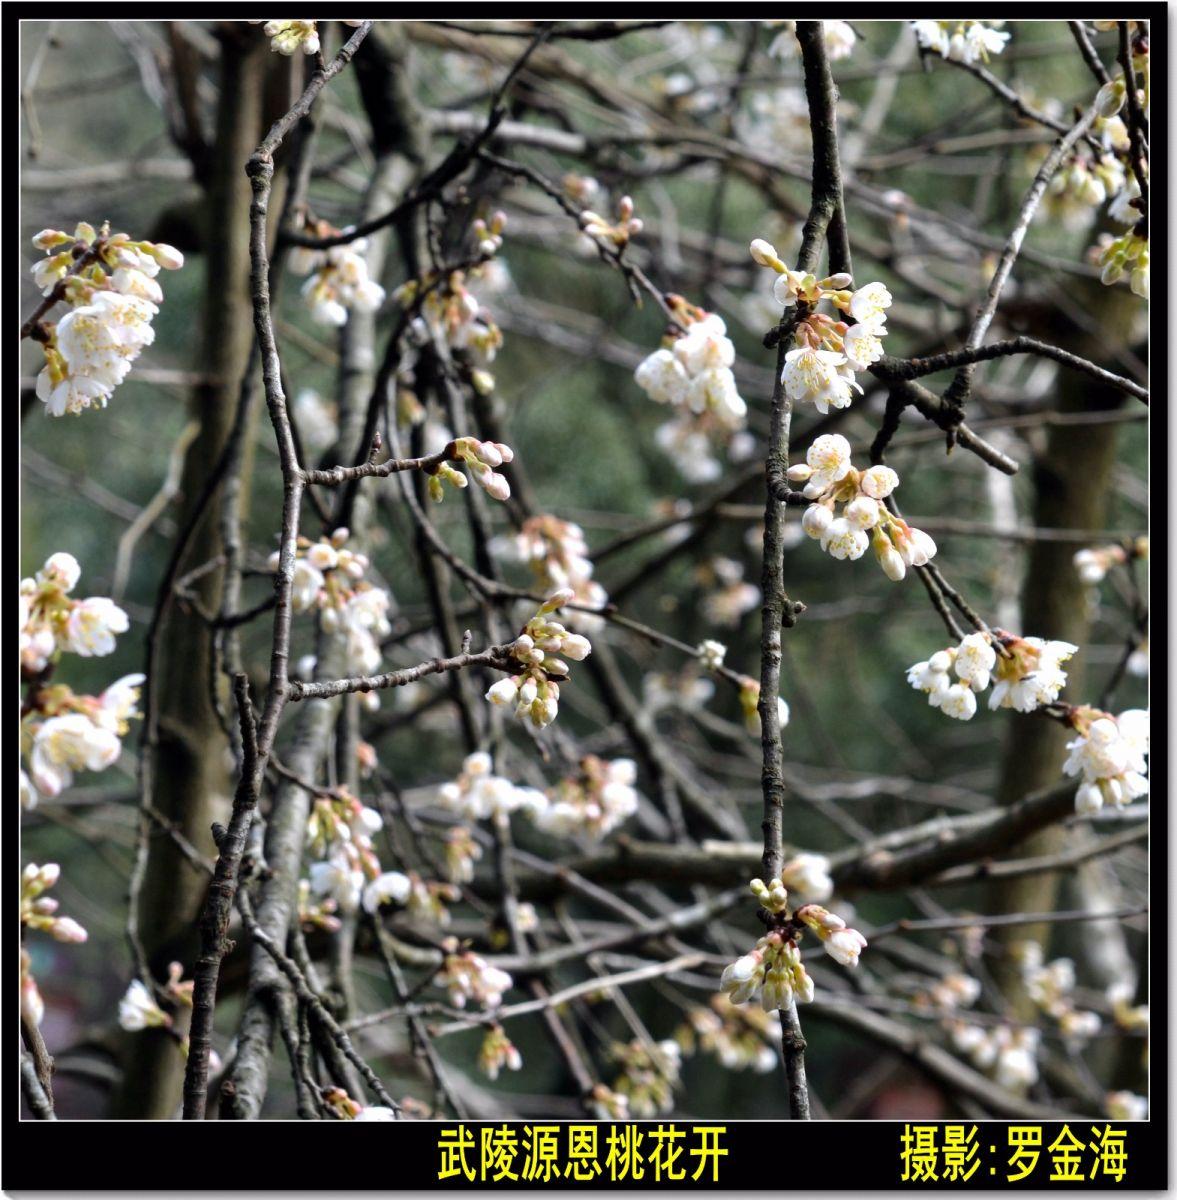 武陵源春赋【古典诗词】_图1-13